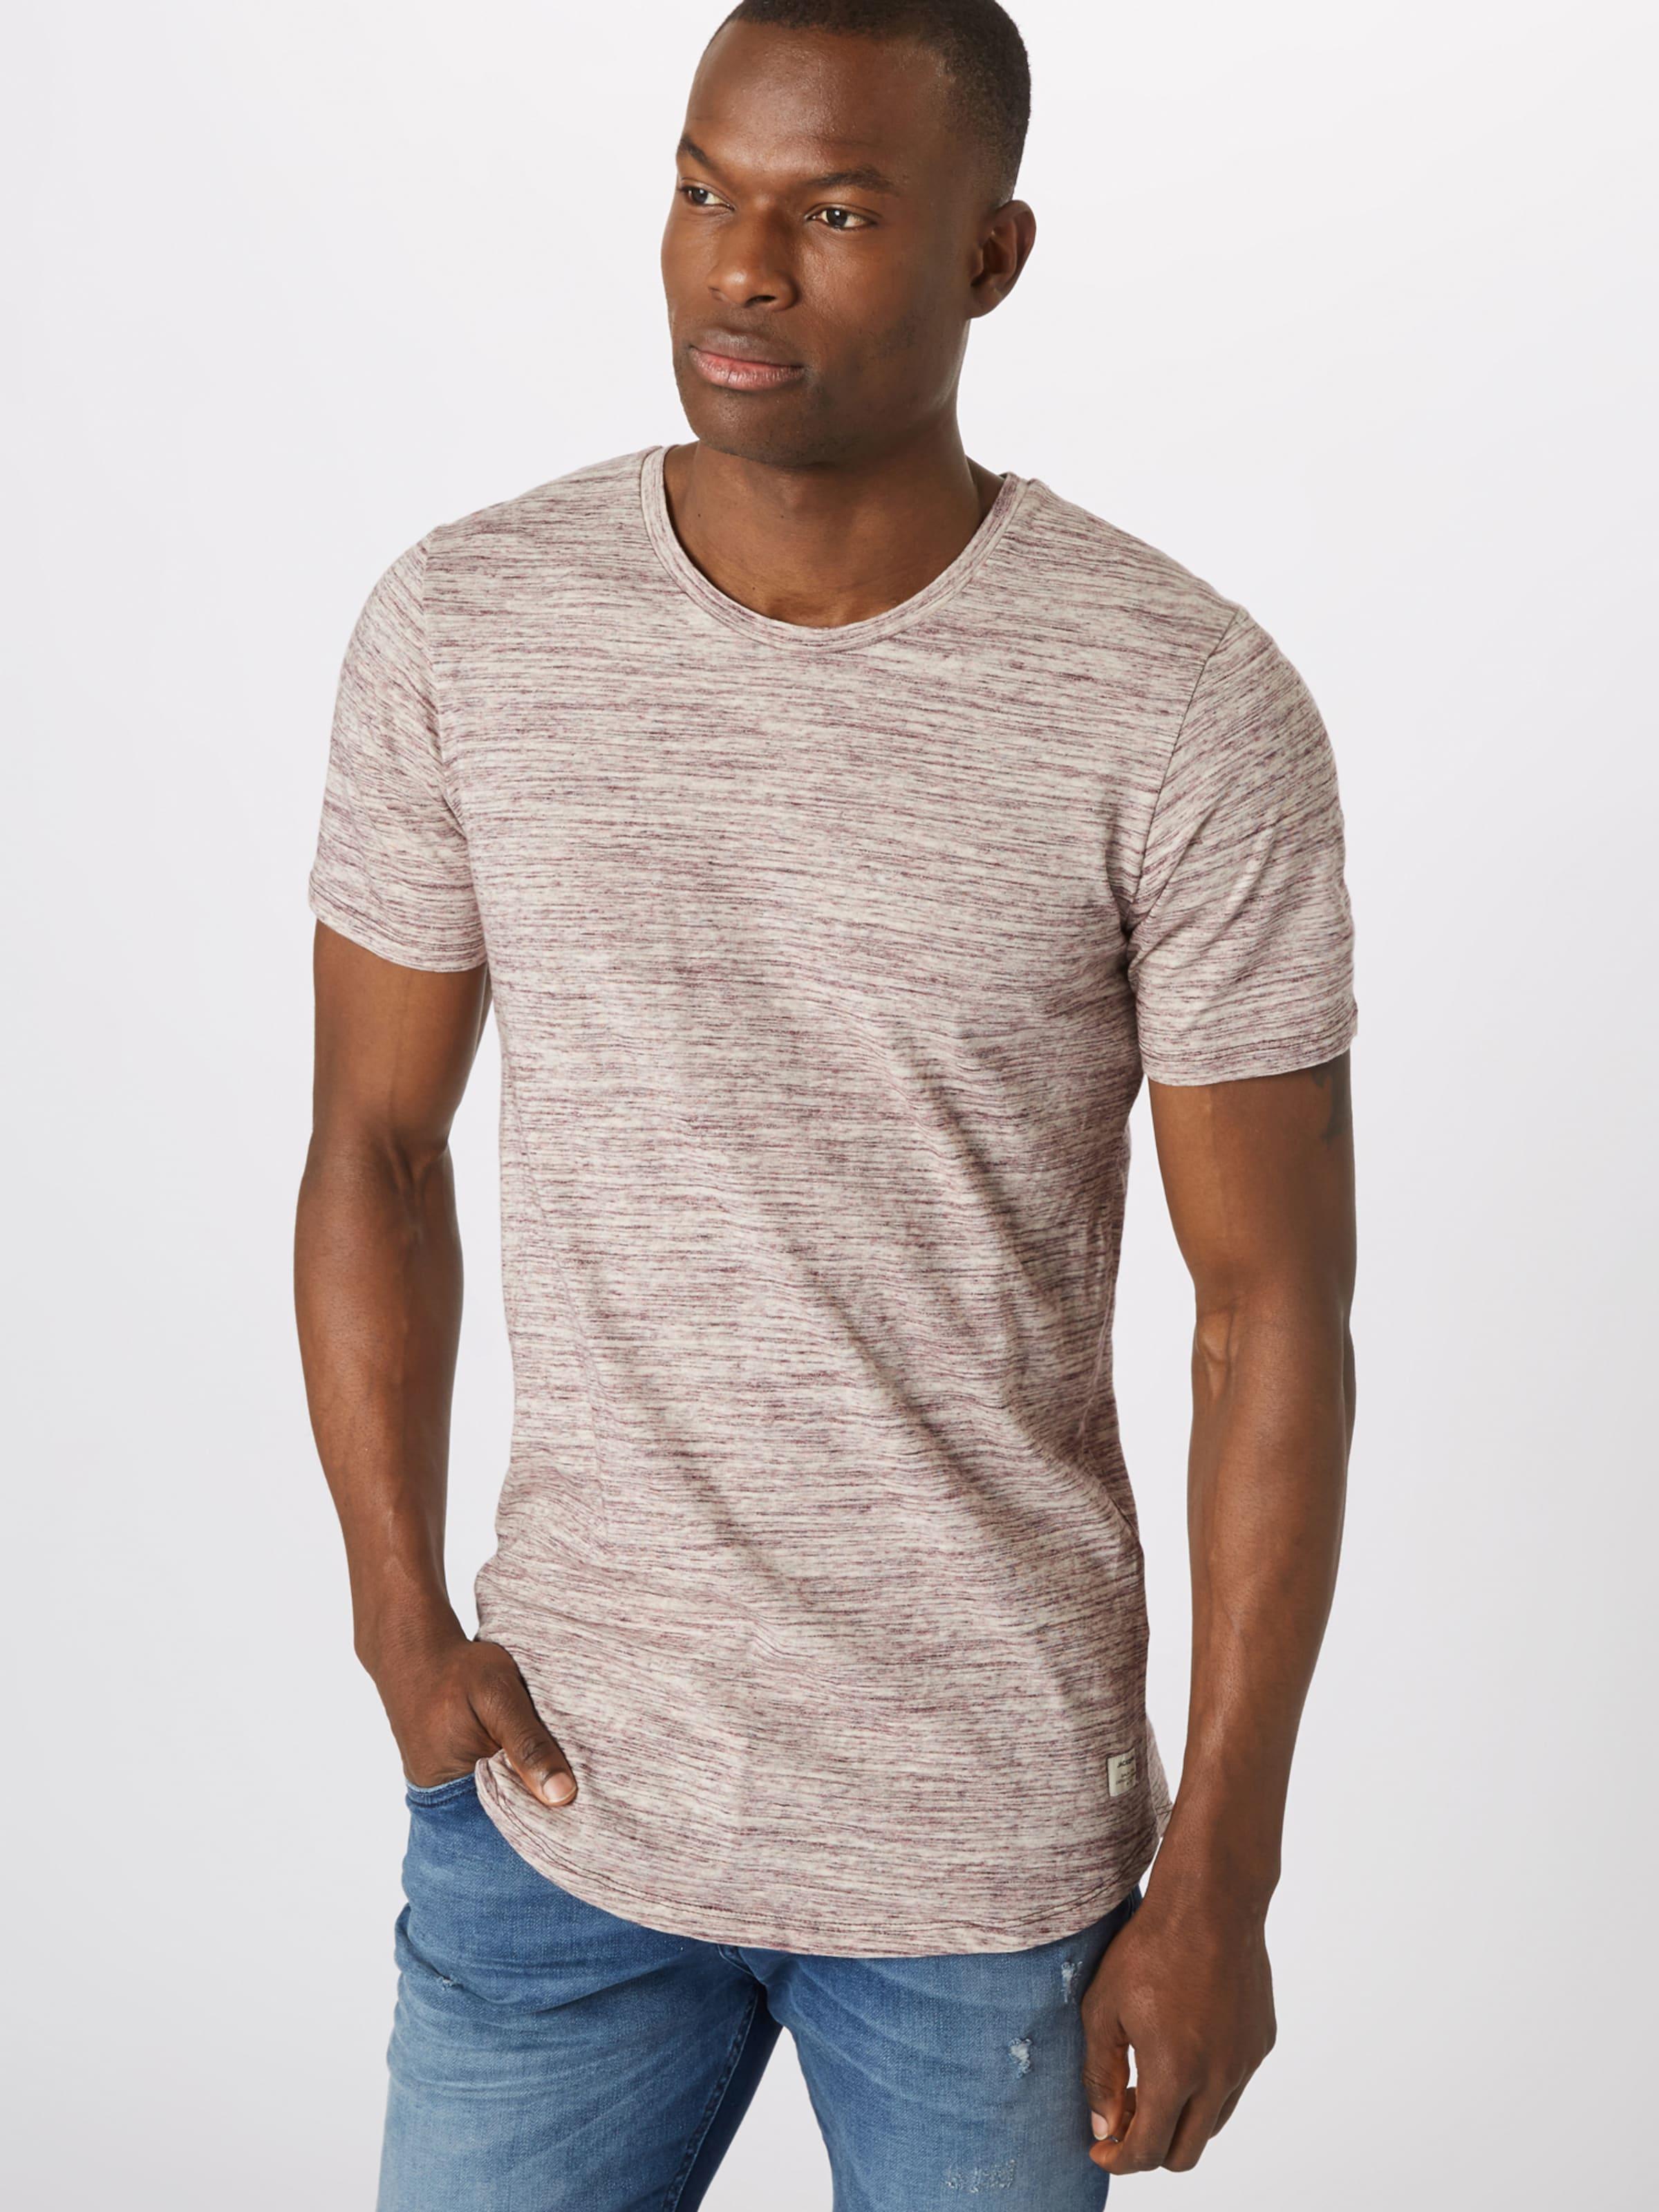 Jackamp; Bleu T Jones shirt En MarineBlanc rtdshQCxBo